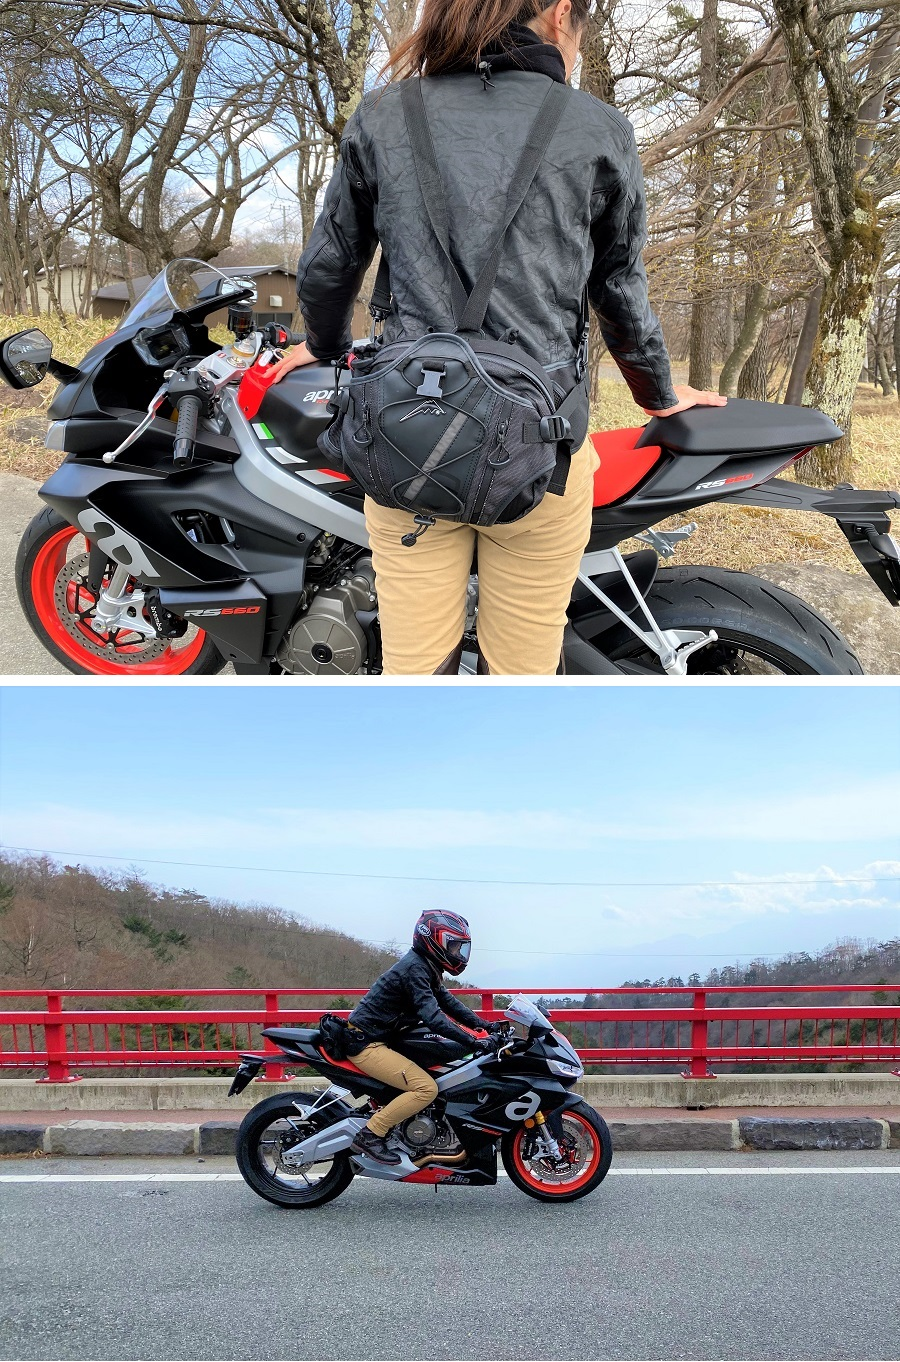 クシタニのヒップバッグは、リュックとして肩と腰に負担を分散することもできる優れもの。